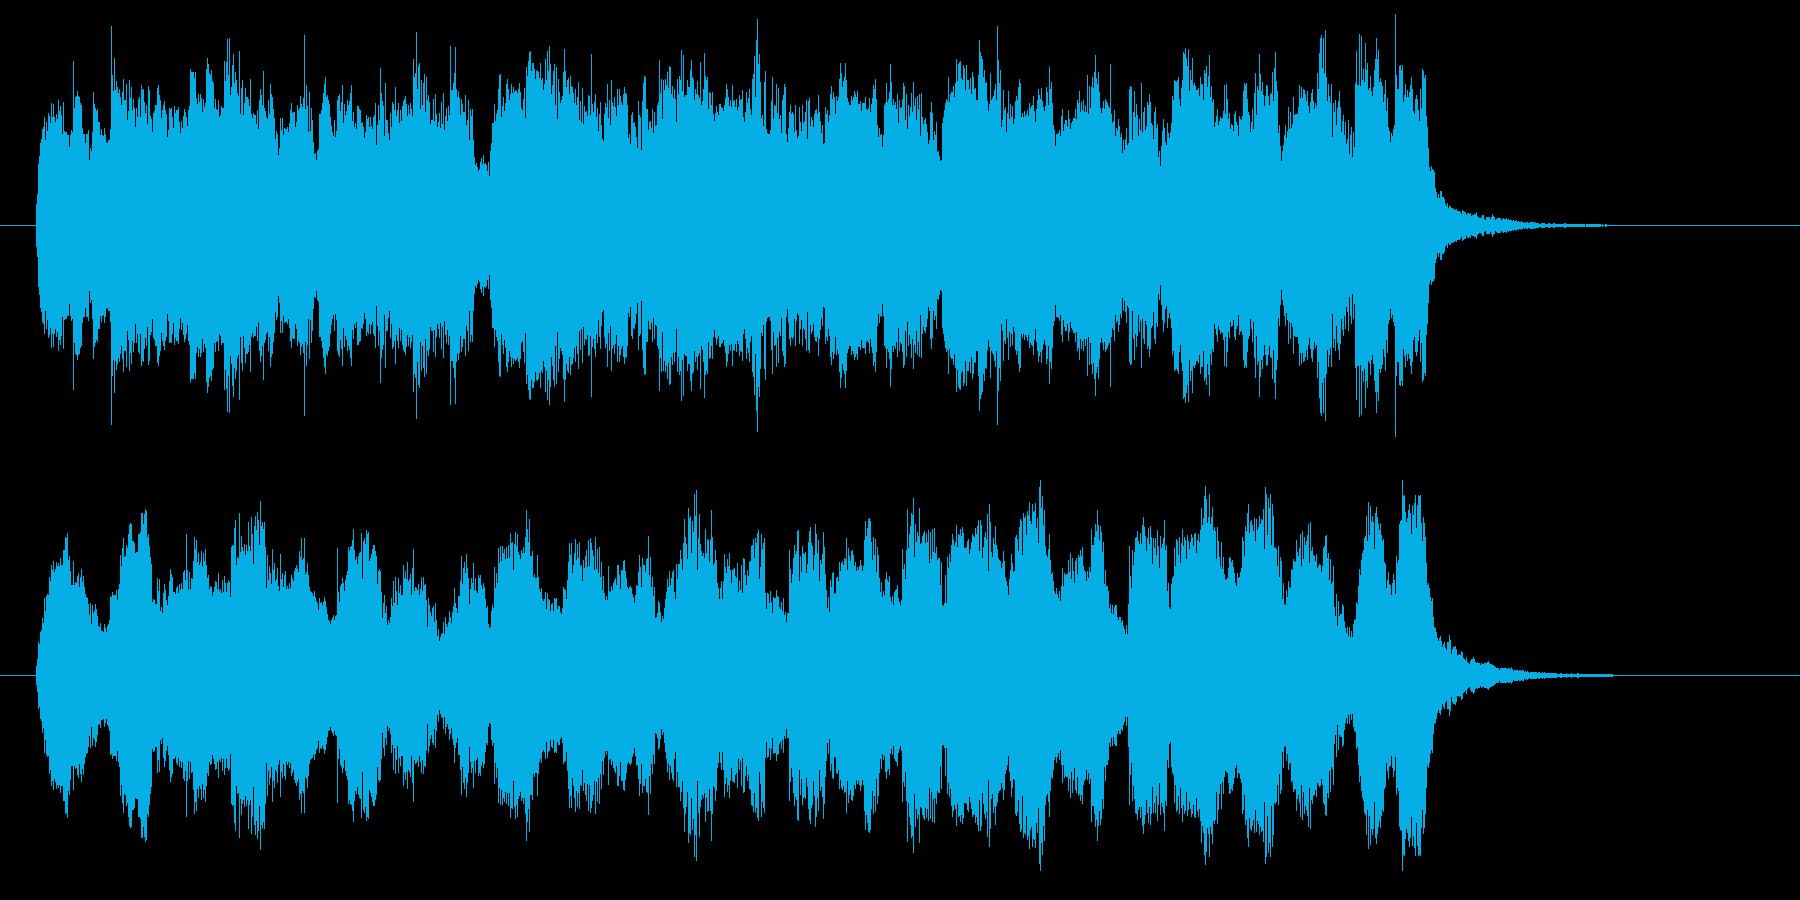 アコーディオンが楽しく響くワルツの曲の再生済みの波形